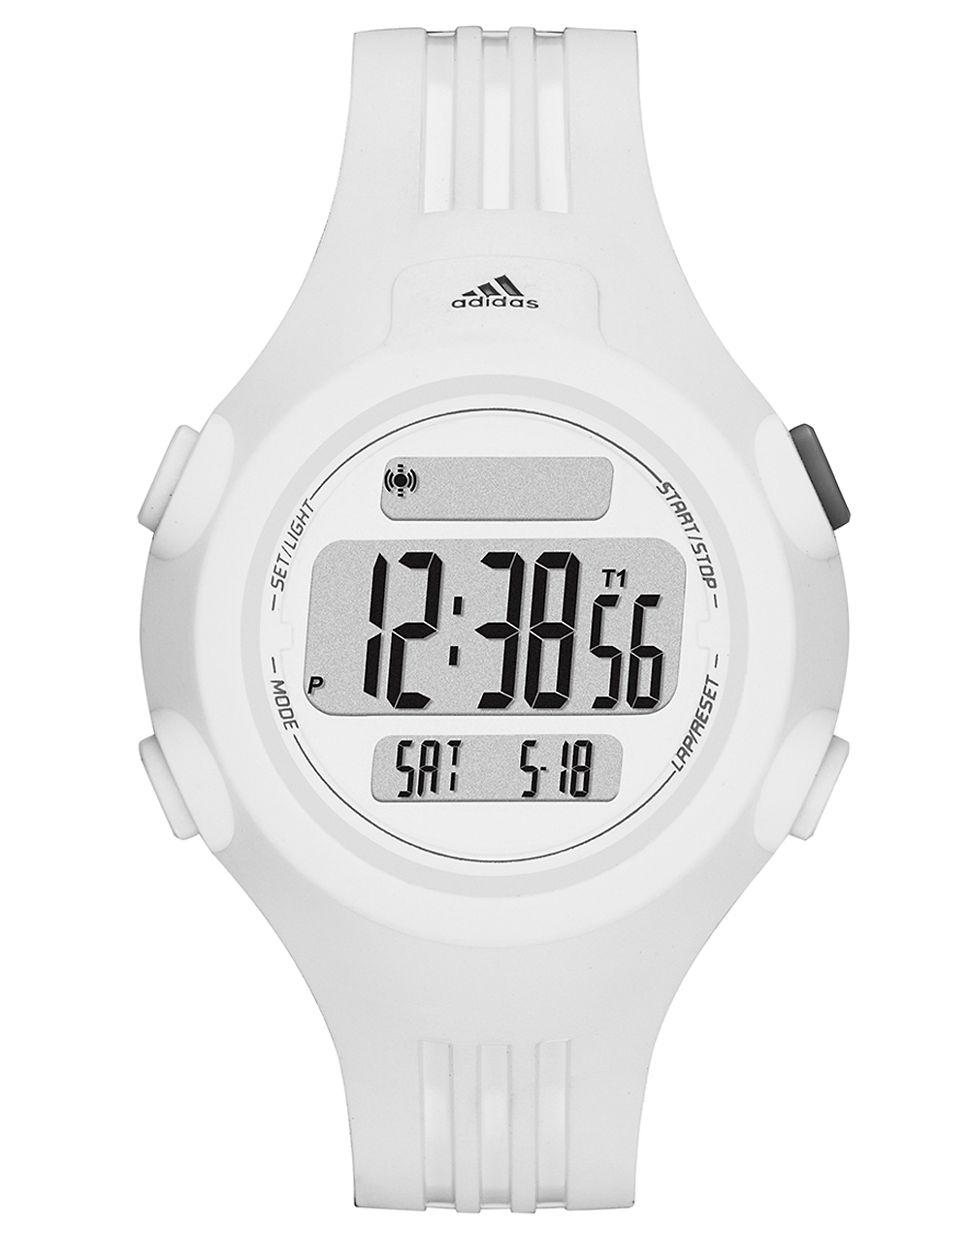 Купить наручные часы adidas на eBay c доставкой из США